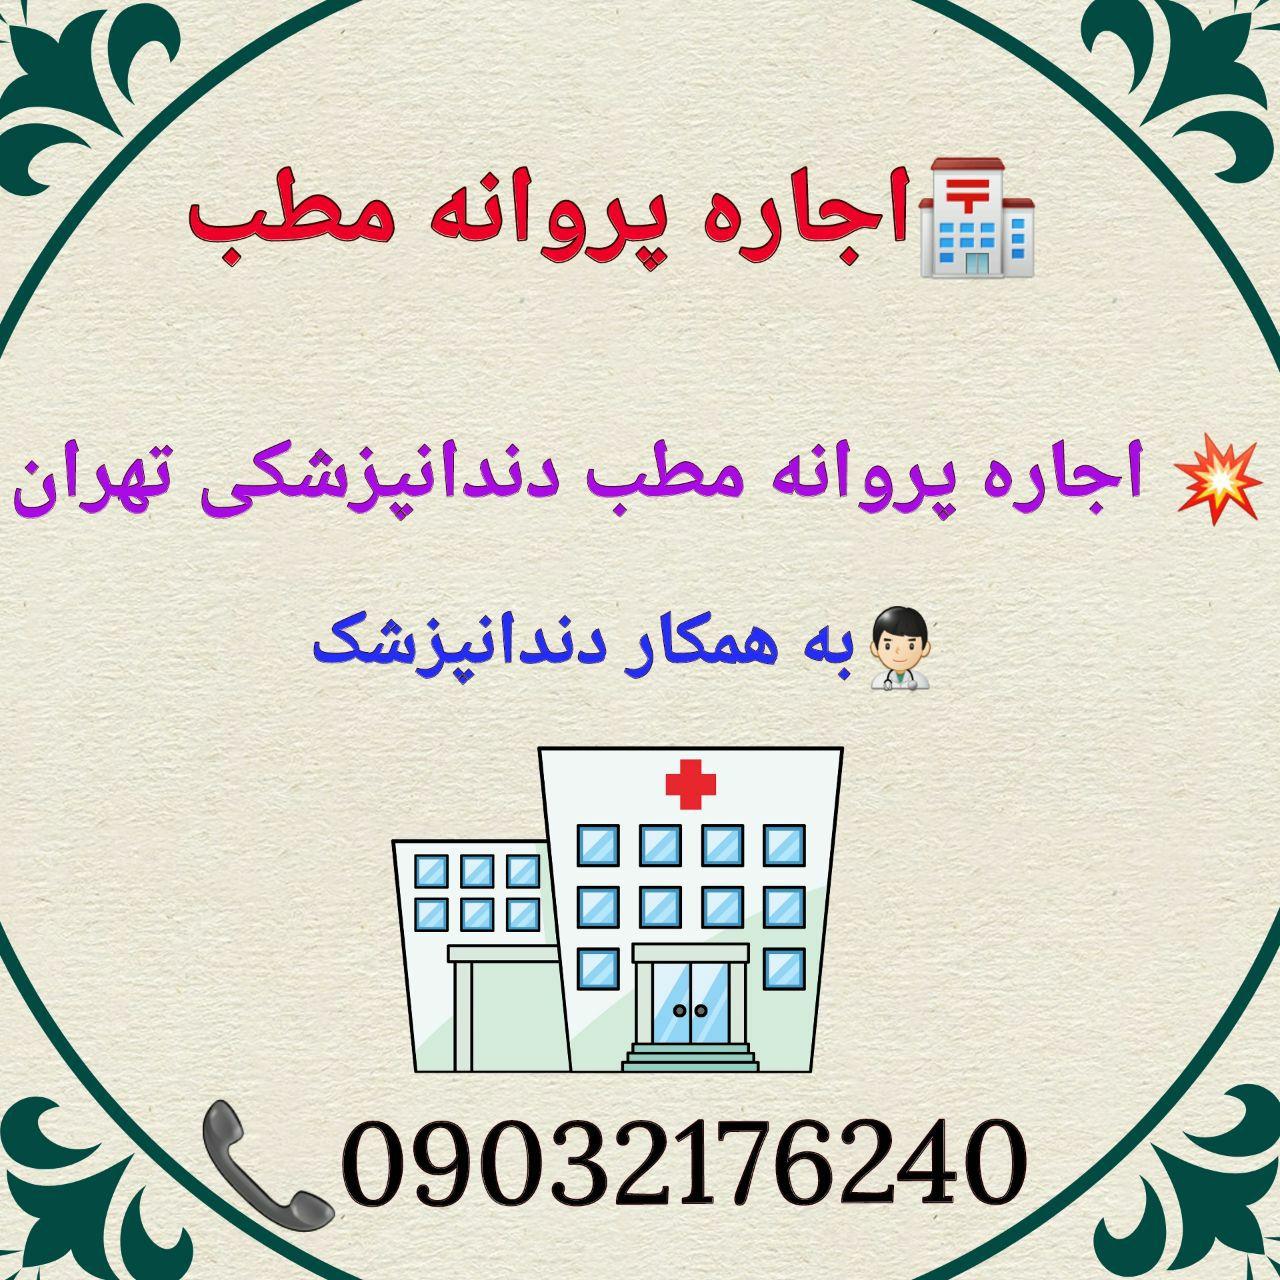 تهران: اجاره پروانه مطب